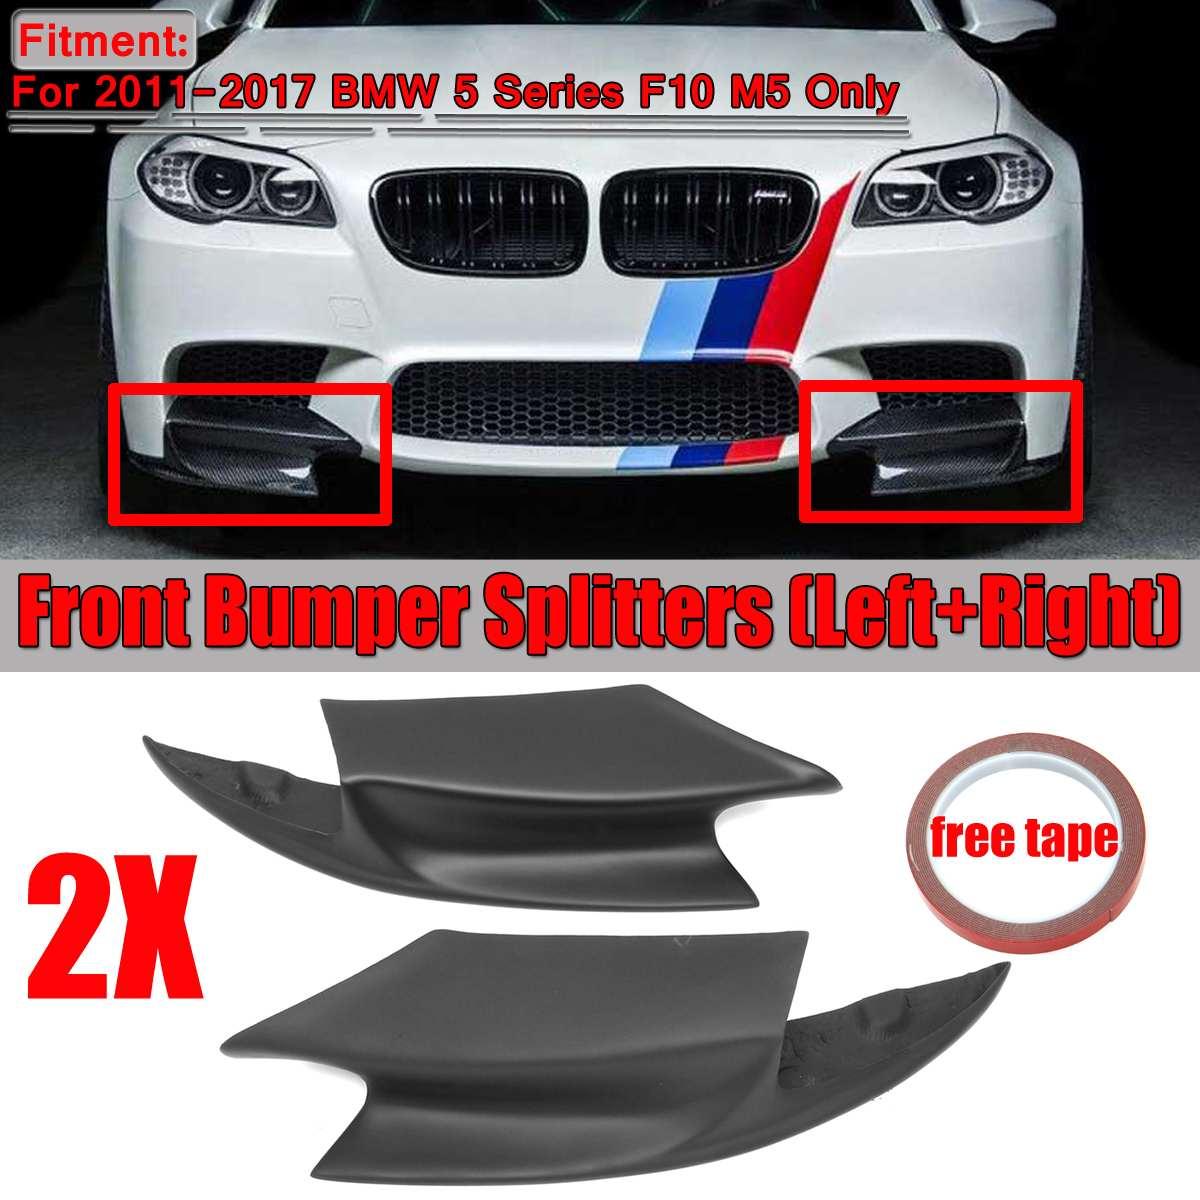 1 paire vraie Fiber de carbone/démissionner F10 M5 voiture avant pare chocs séparateurs lèvre corps Kit Spolier pour BMW série 5 F10 M5 2011 2017|Pare-chocs| |  -